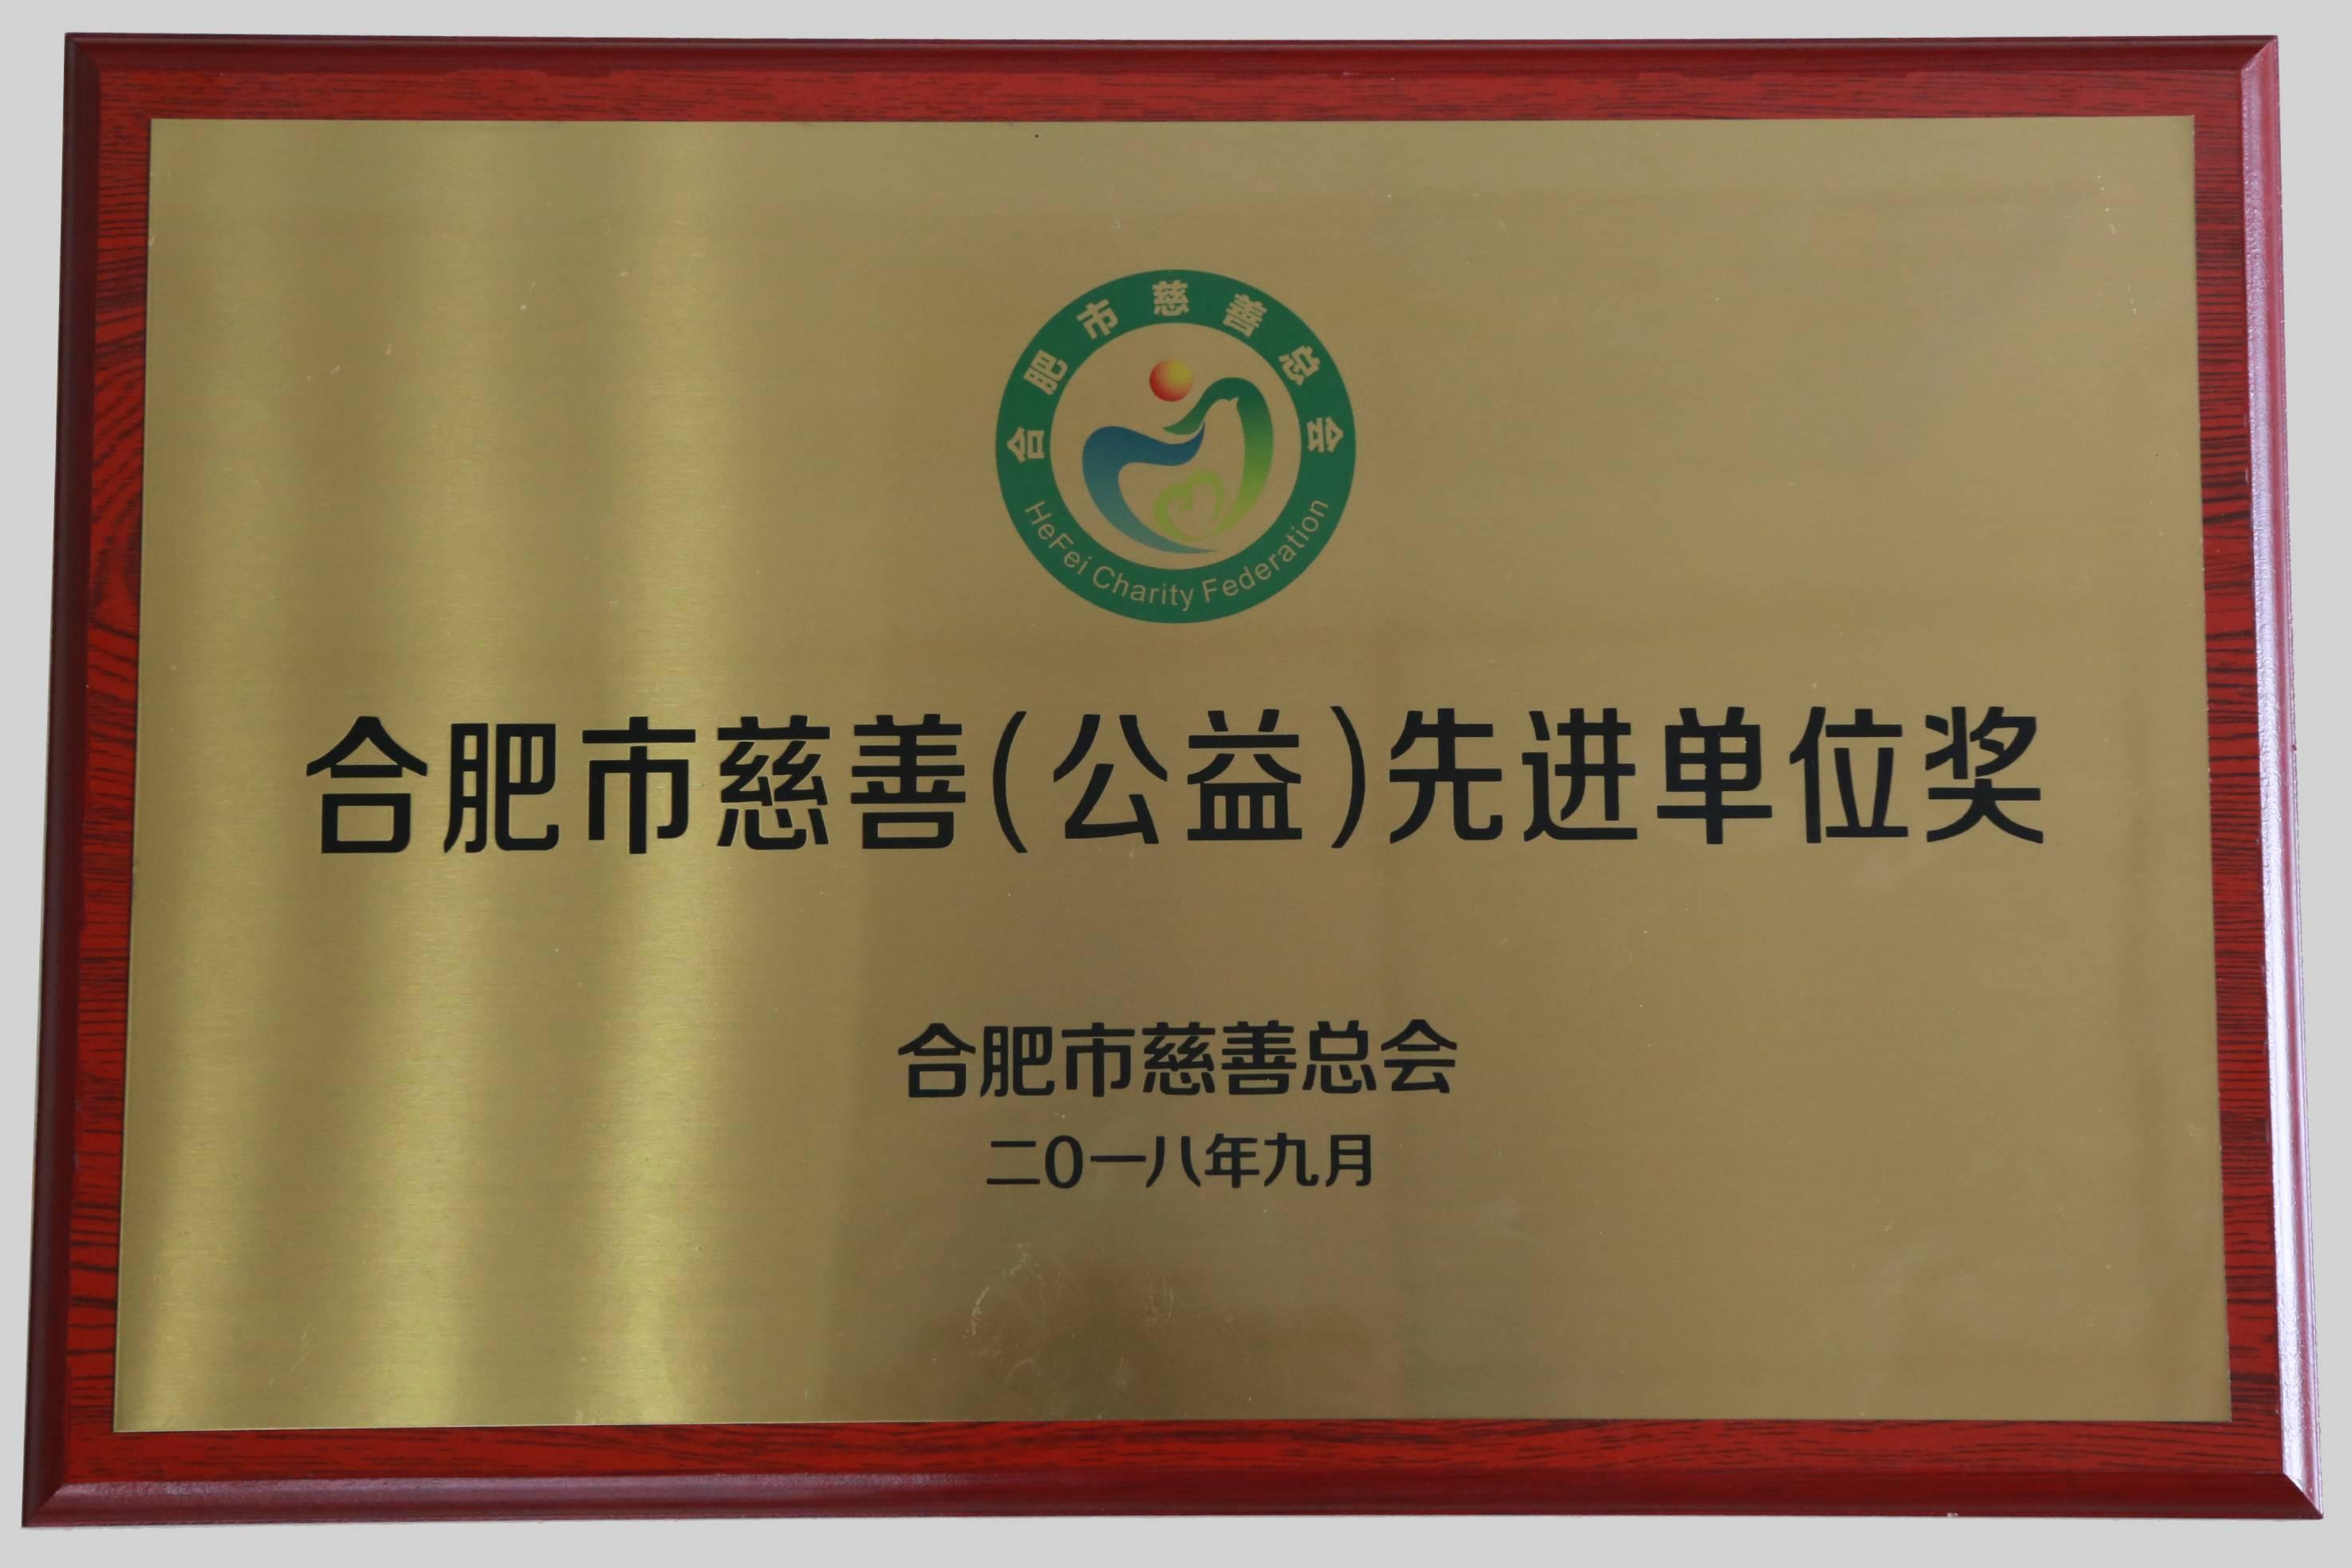 上海市慈善(公益)先进单位